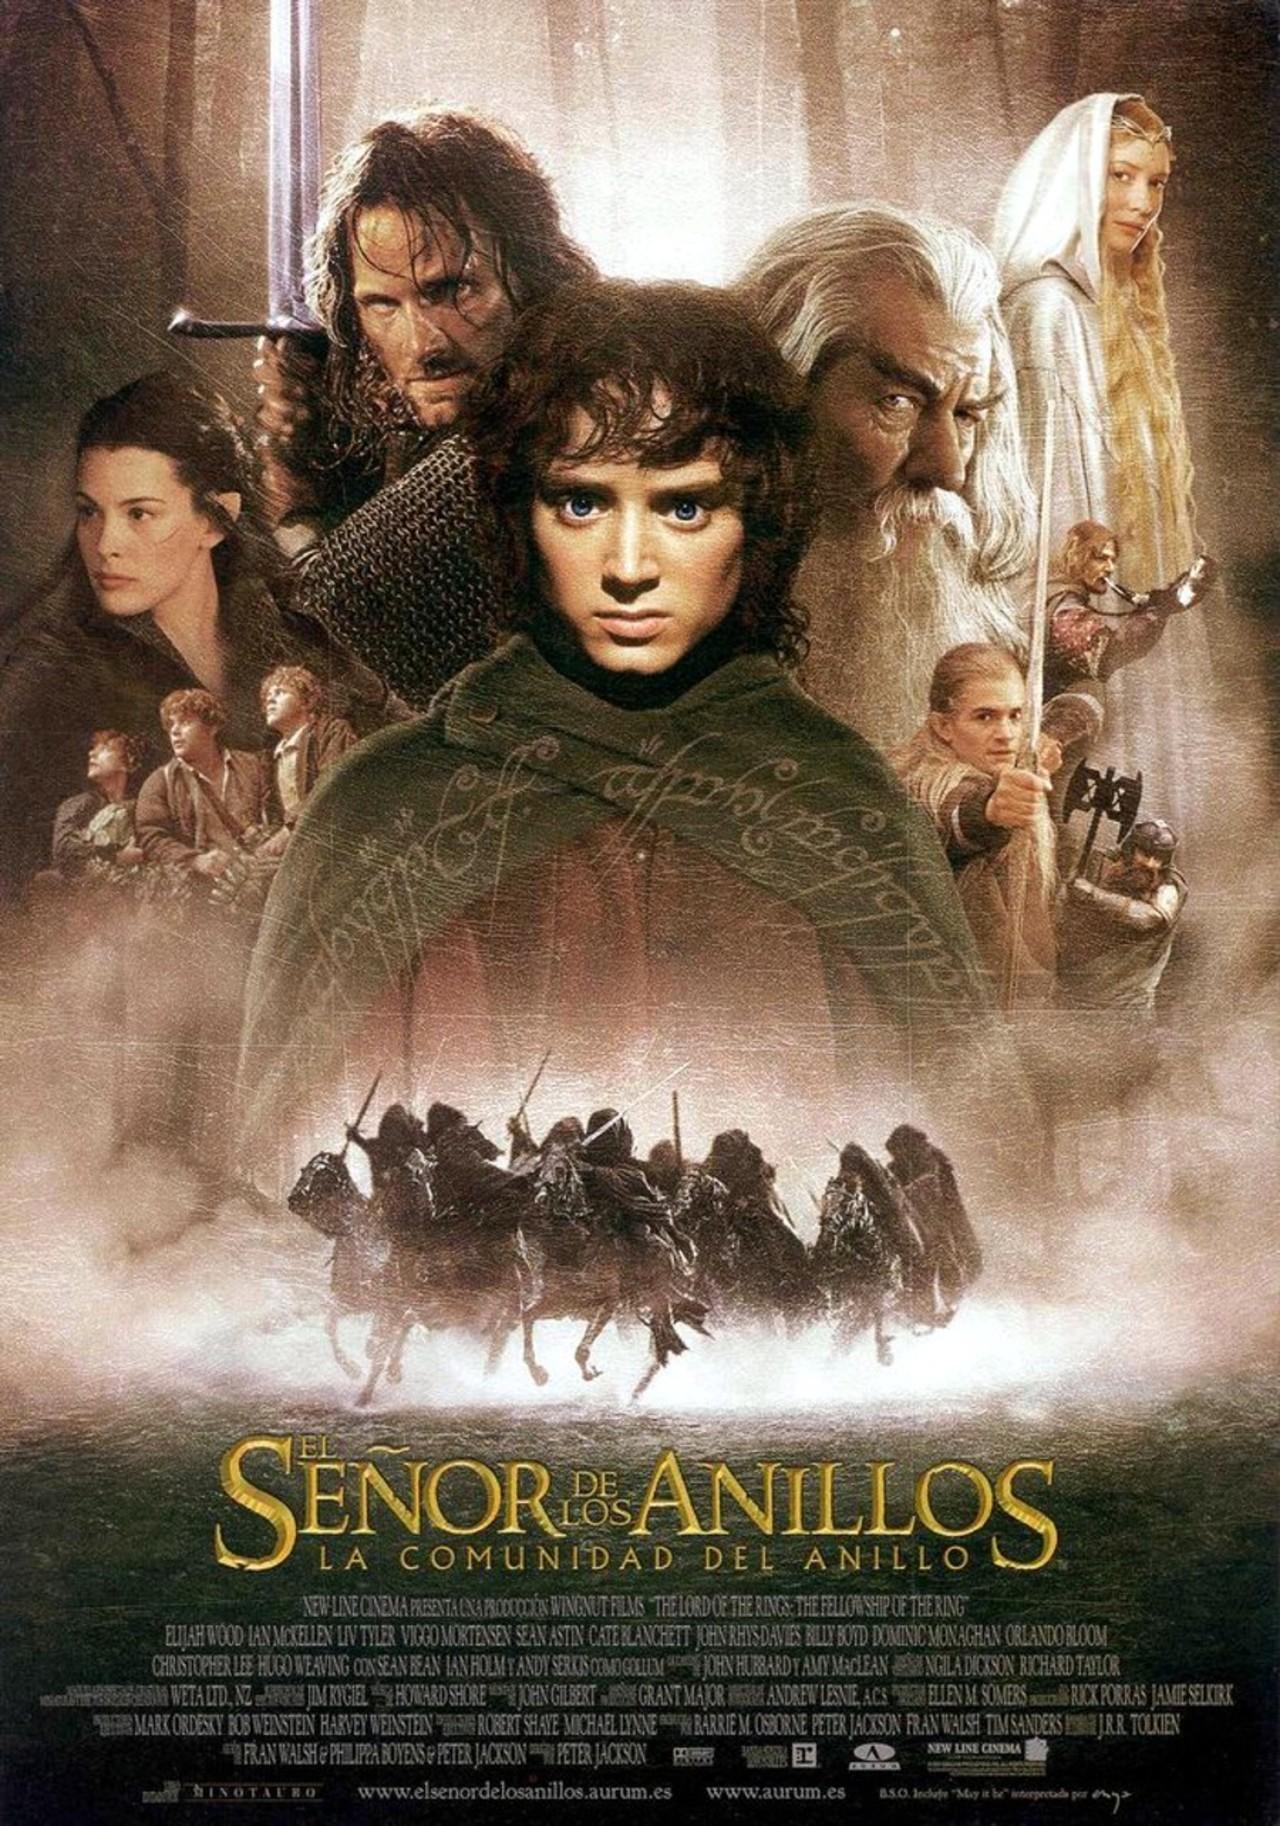 El Señor de los Anillos: la Comunidad del Anillo [2001], [1080p] [Latino] [MEGA]